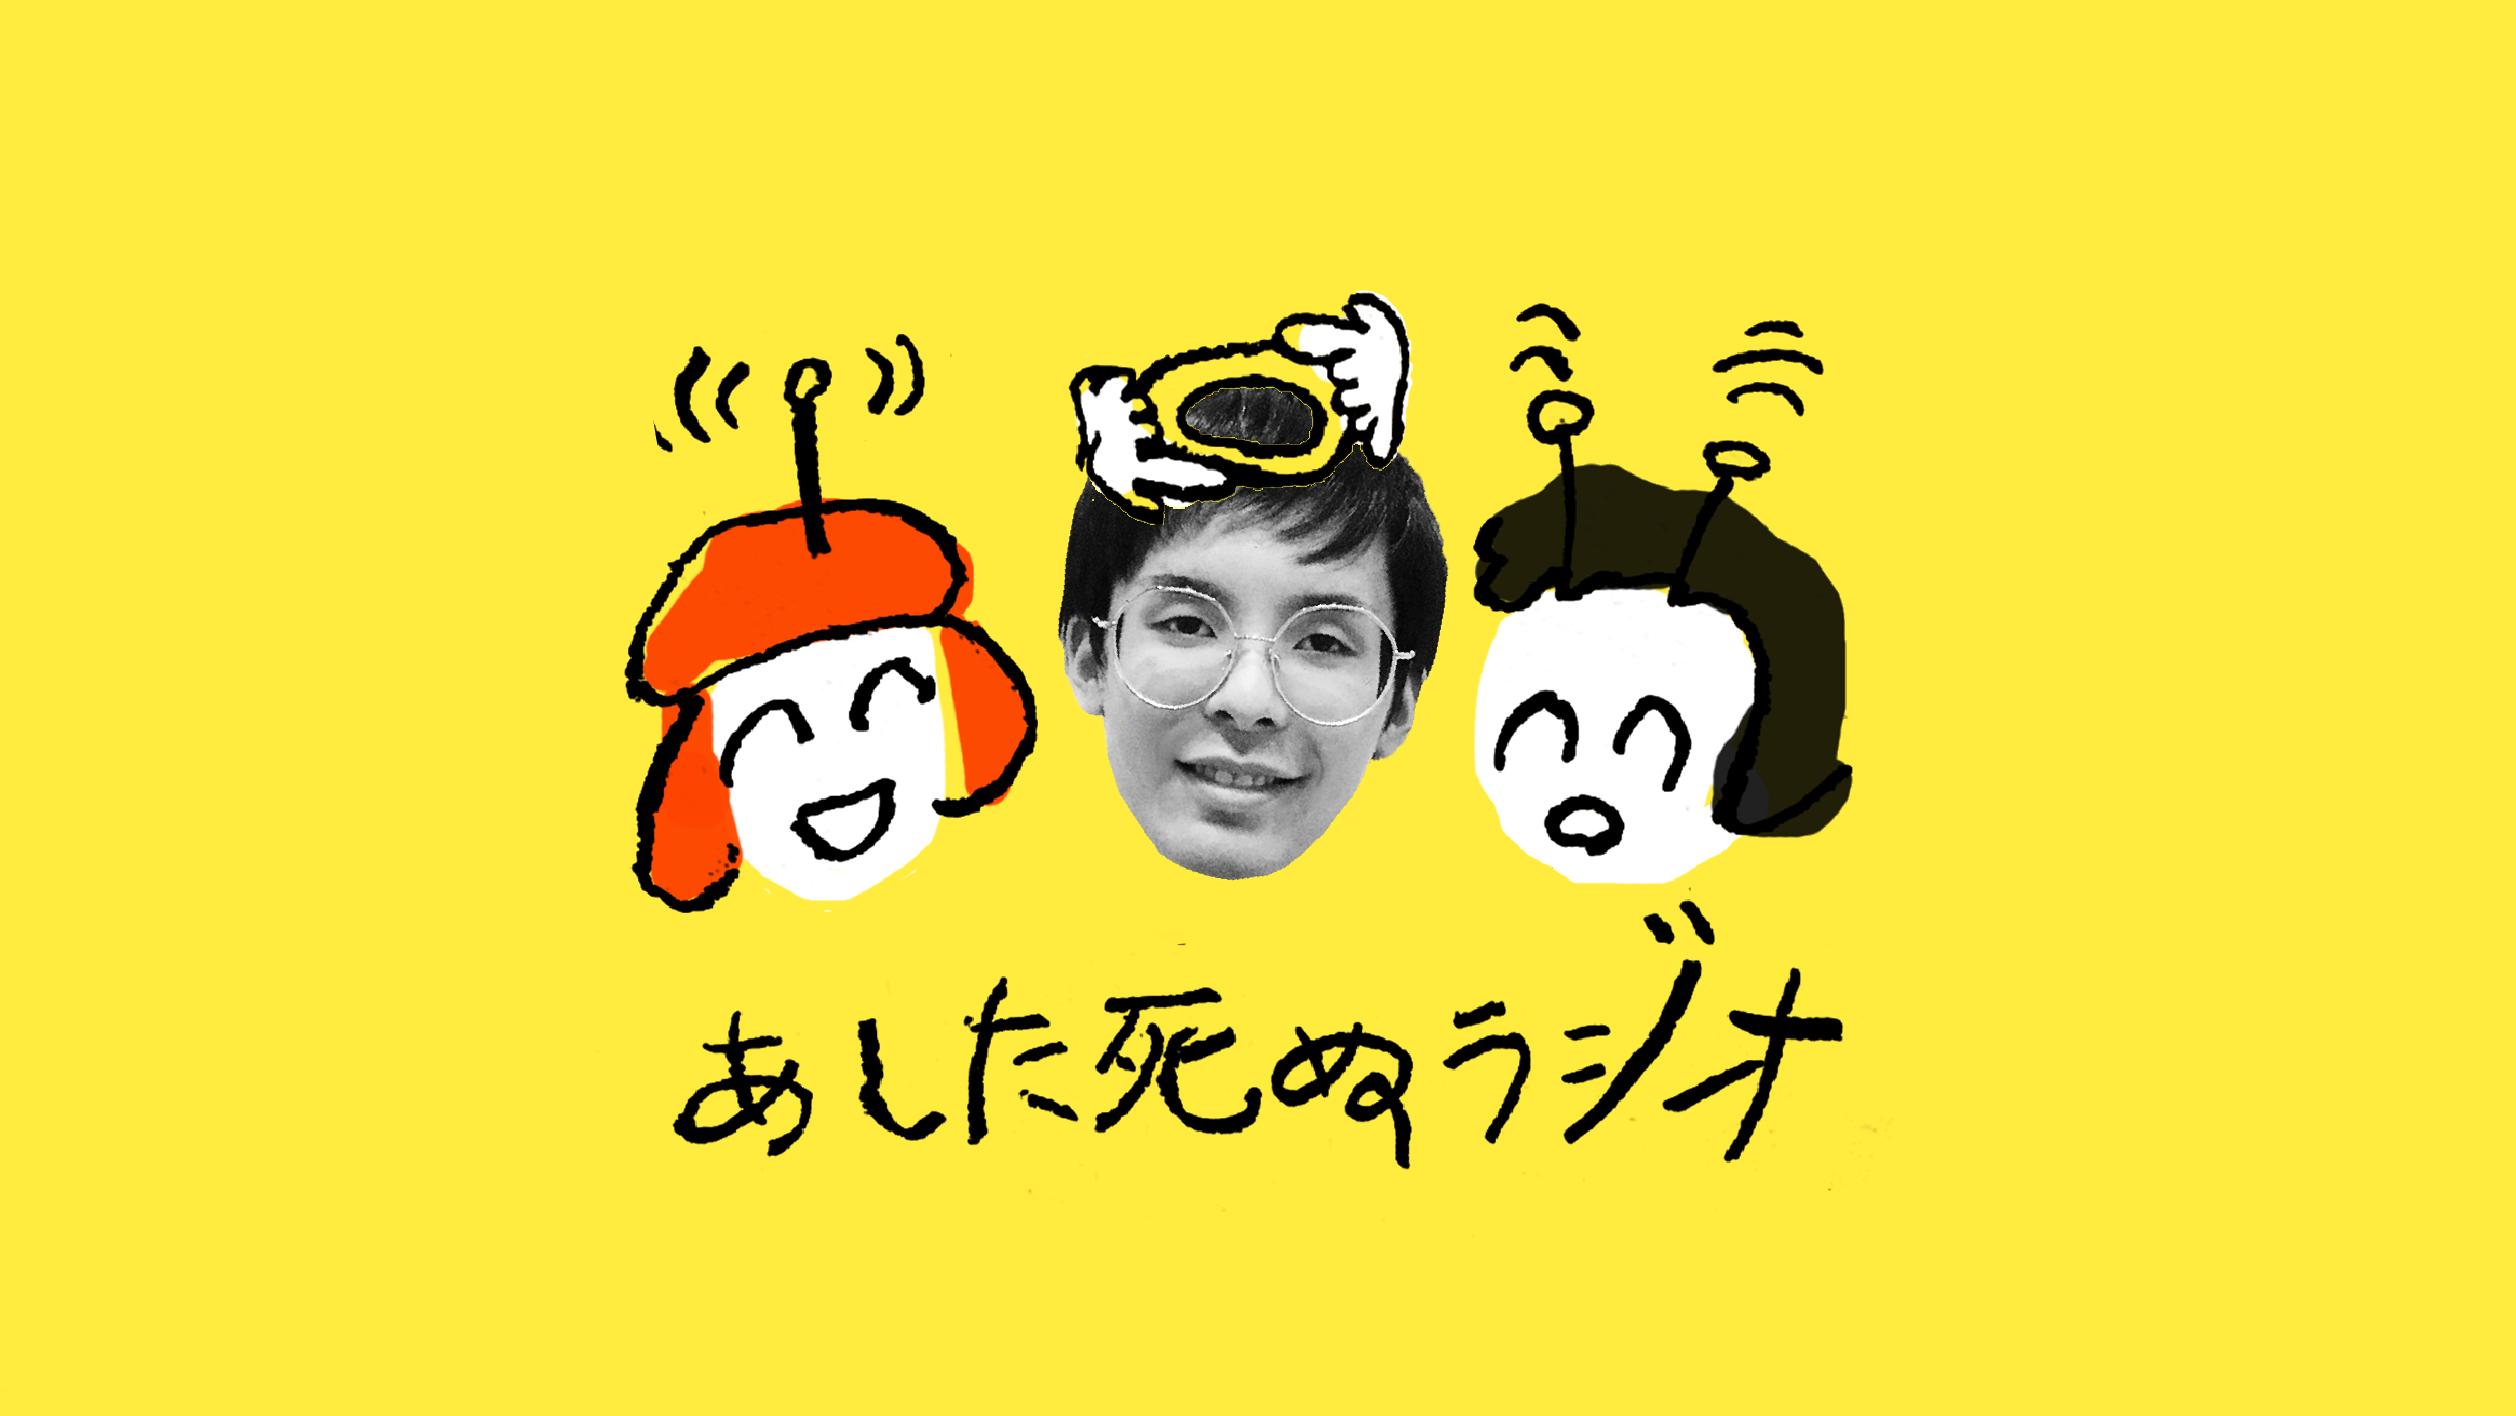 【あした死ぬラジオ】第4回「木下智史(きのぴー)」